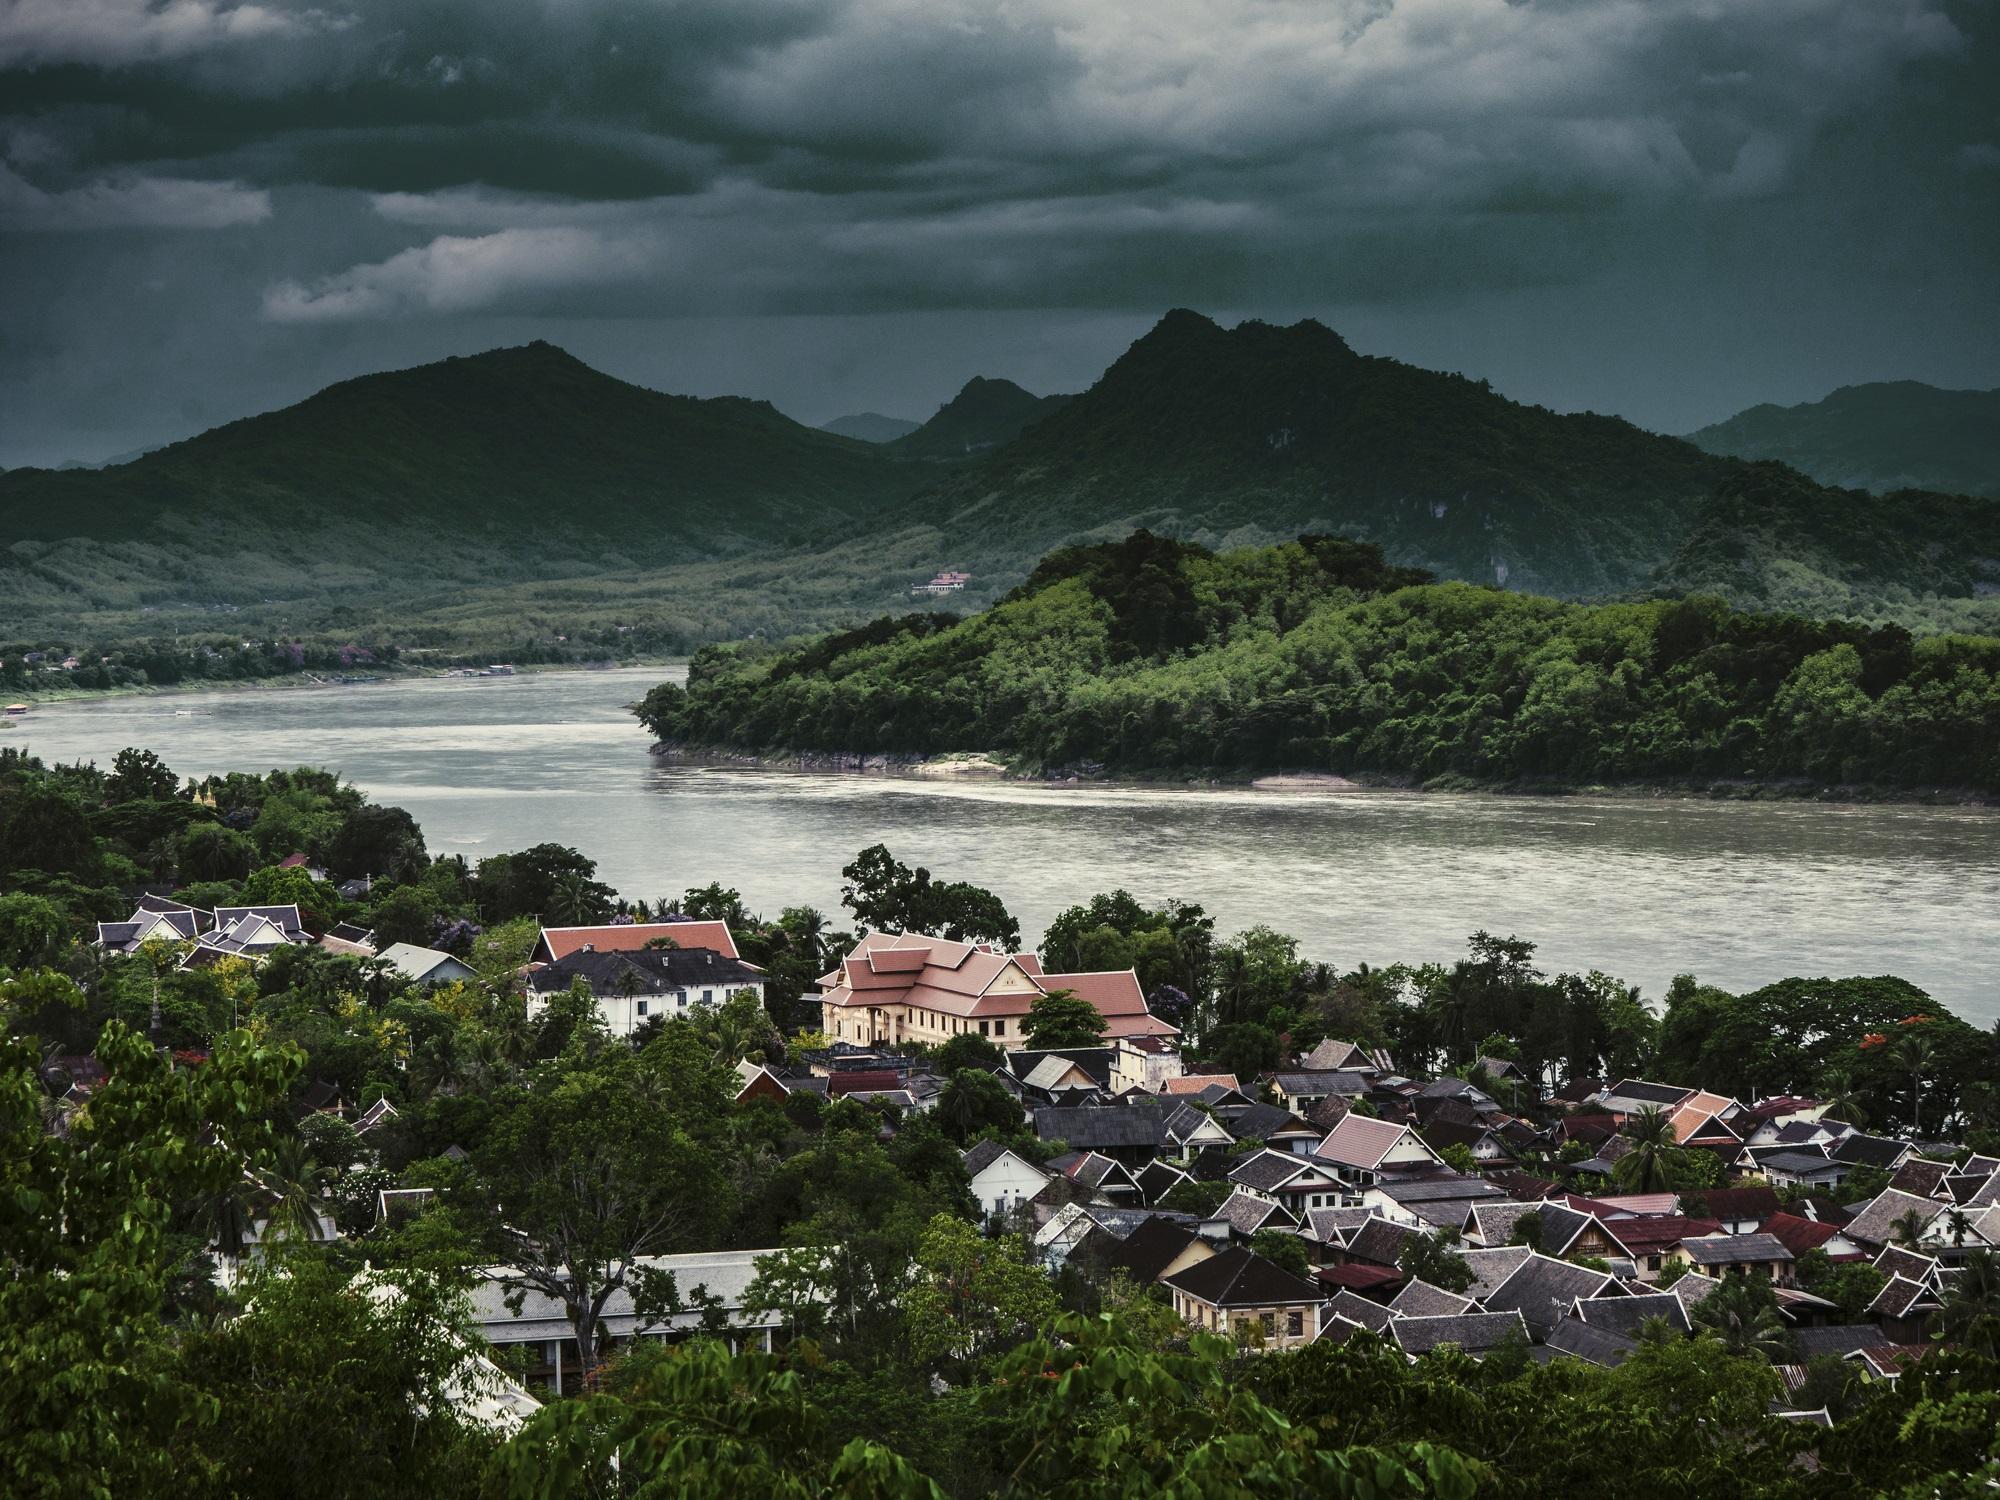 <p><strong>Луанпрабан, Лаос</strong></p>  <p>Този съблазнителен сънлив град по бреговете на река Меконг беше, като останалата част от Лаос, затворен за туристи до 80-те години. Когато вратите се отвориха и първите любопитни пътешественици влязоха вътре, те се натъкнаха на свят, който се е променил малко дори до наши дни - с елегантна френска колониална архитектура, стръмни каменни стълби, тежки дървета и удавни цикади.</p>